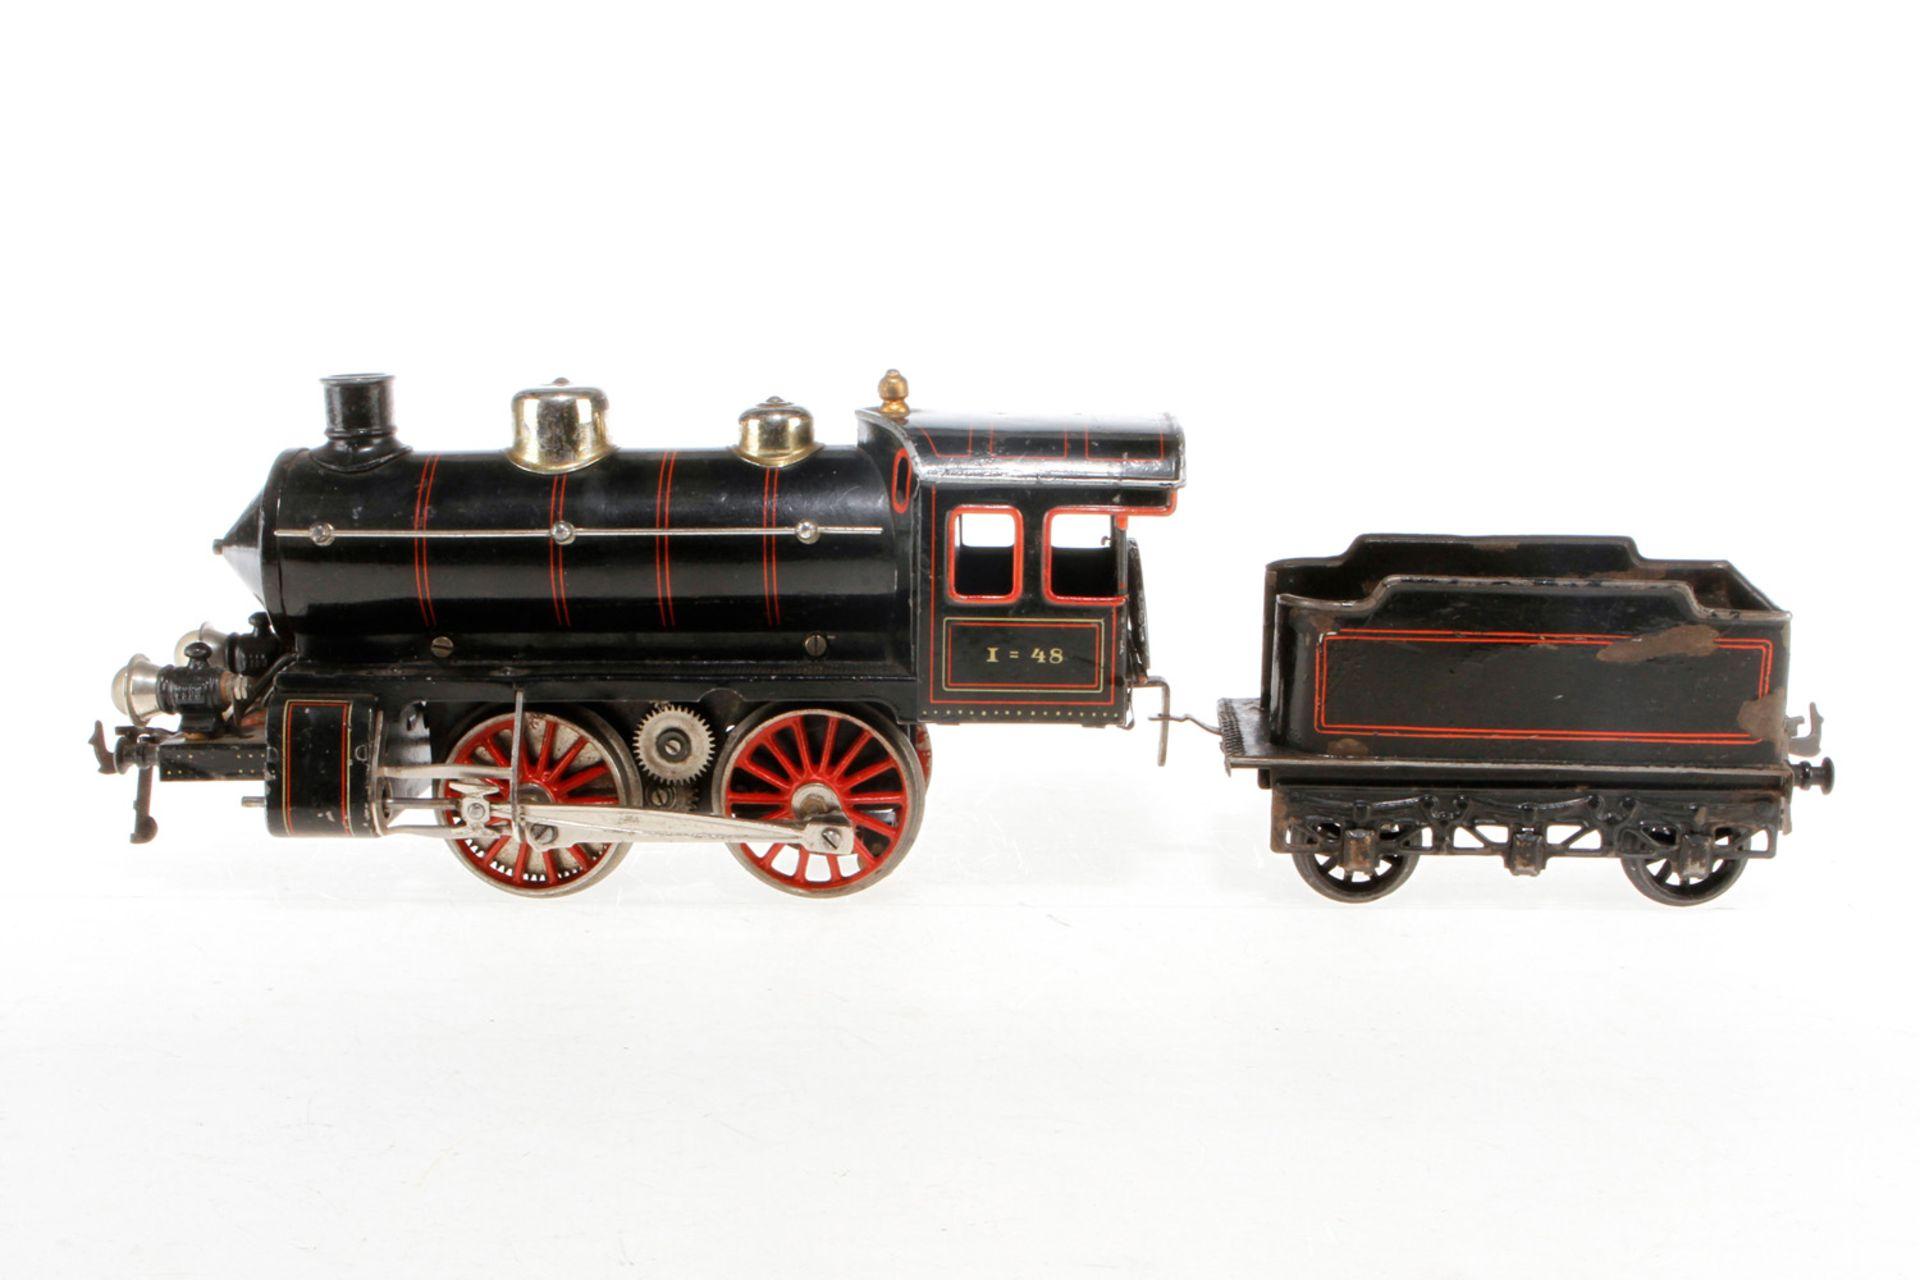 Bing B-Dampflok, S 1, Starkstrom, schwarz, mit Tender und 2 el. bel. Stirnlampen, LS tw